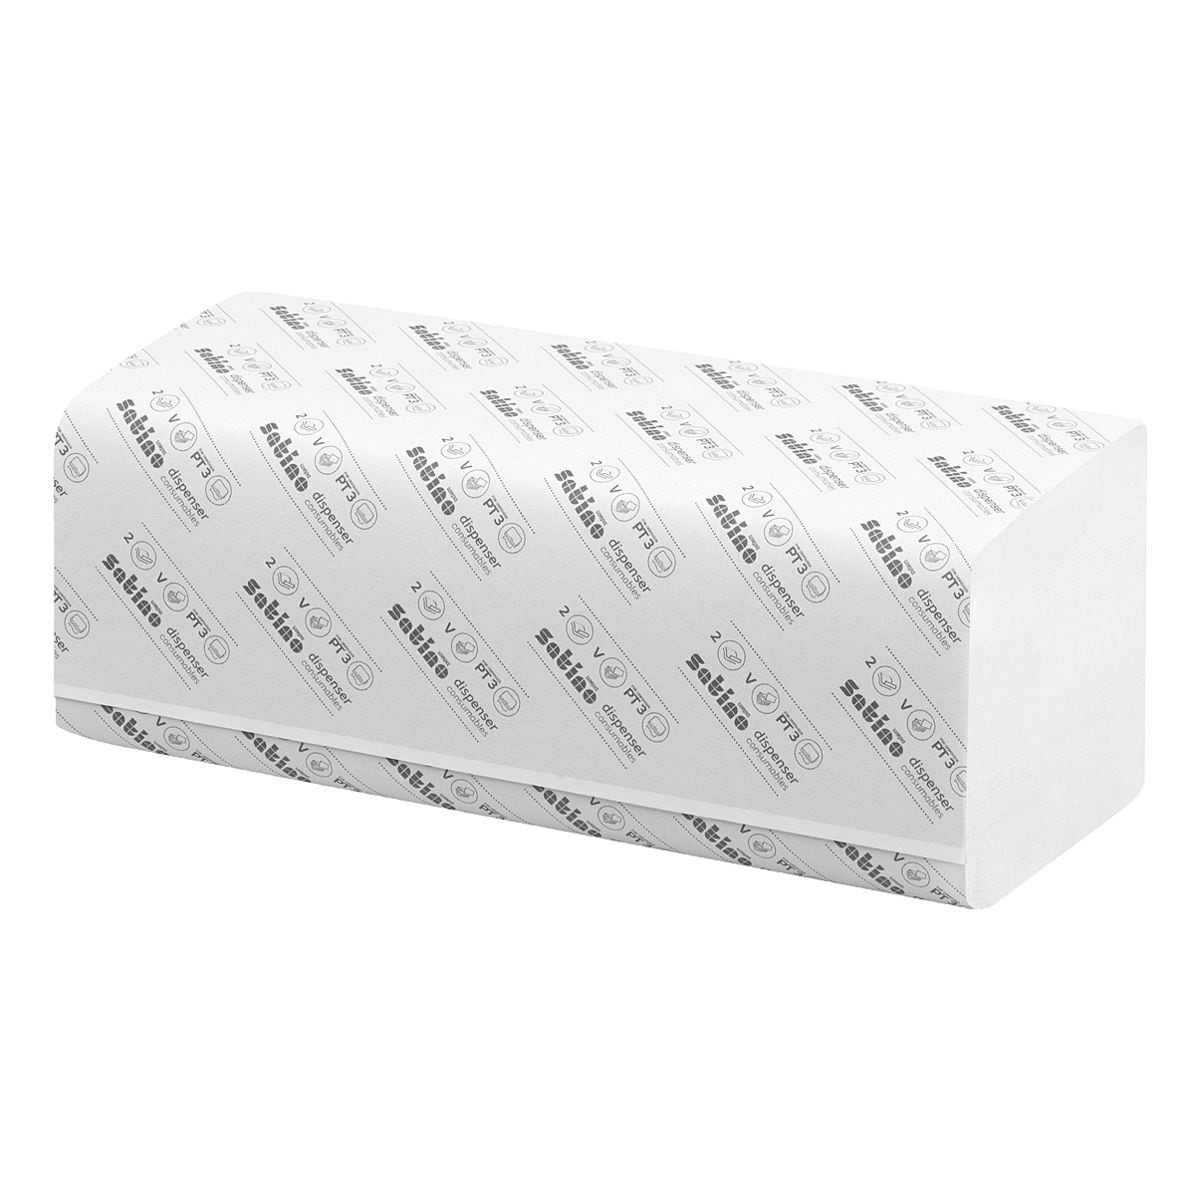 Papierhandtücher Satino comfort 2-lagig, naturweiß, 25 cm x 23 cm aus Tissue mit Z-Falzung - 3200 Blatt gesamt